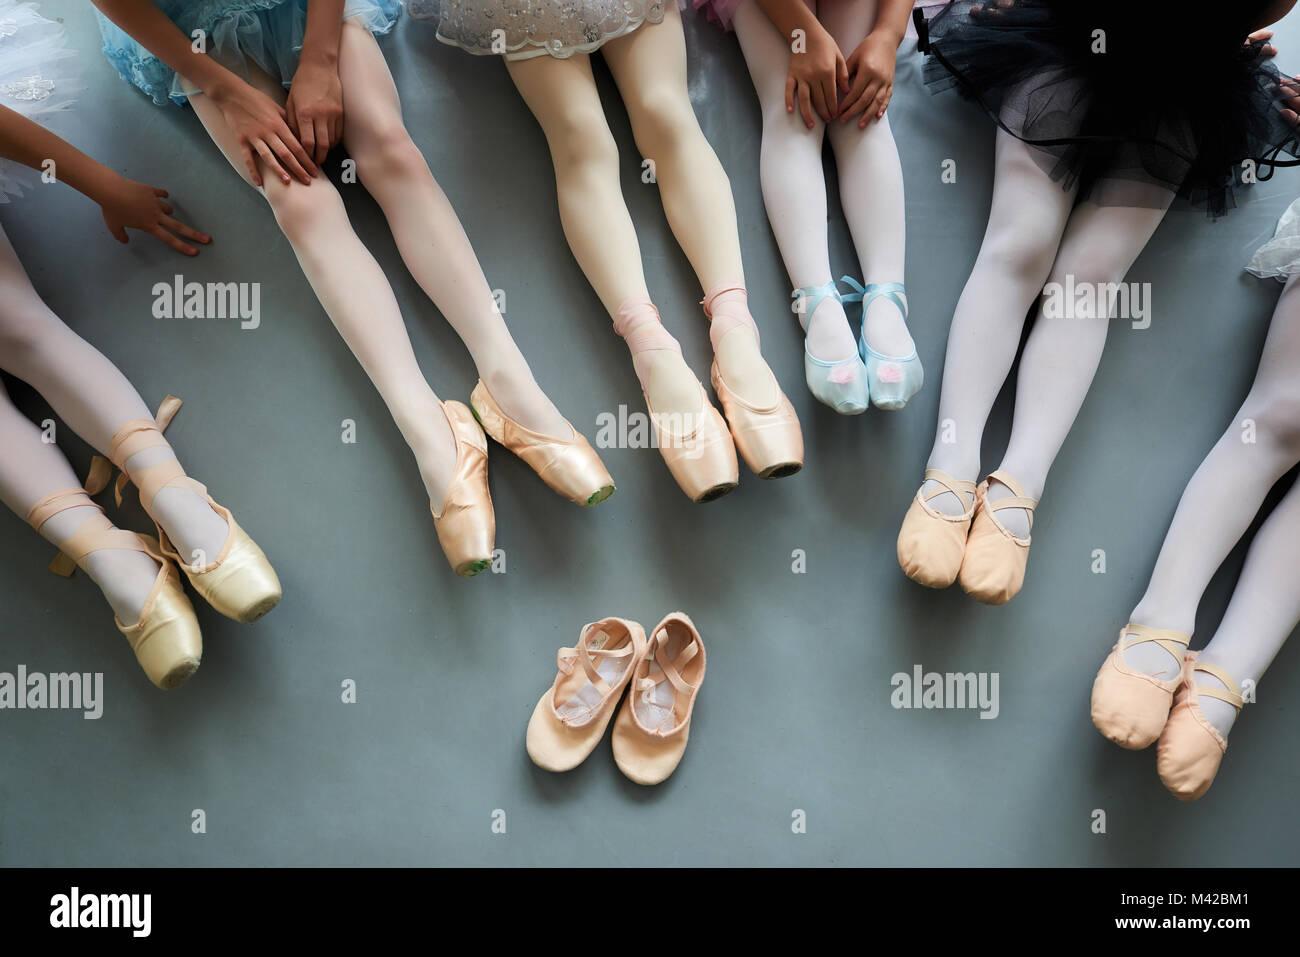 uk availability c36af 2960f Sechs Ballerinas auf dem Fußboden, Ansicht von oben. Ballett ...